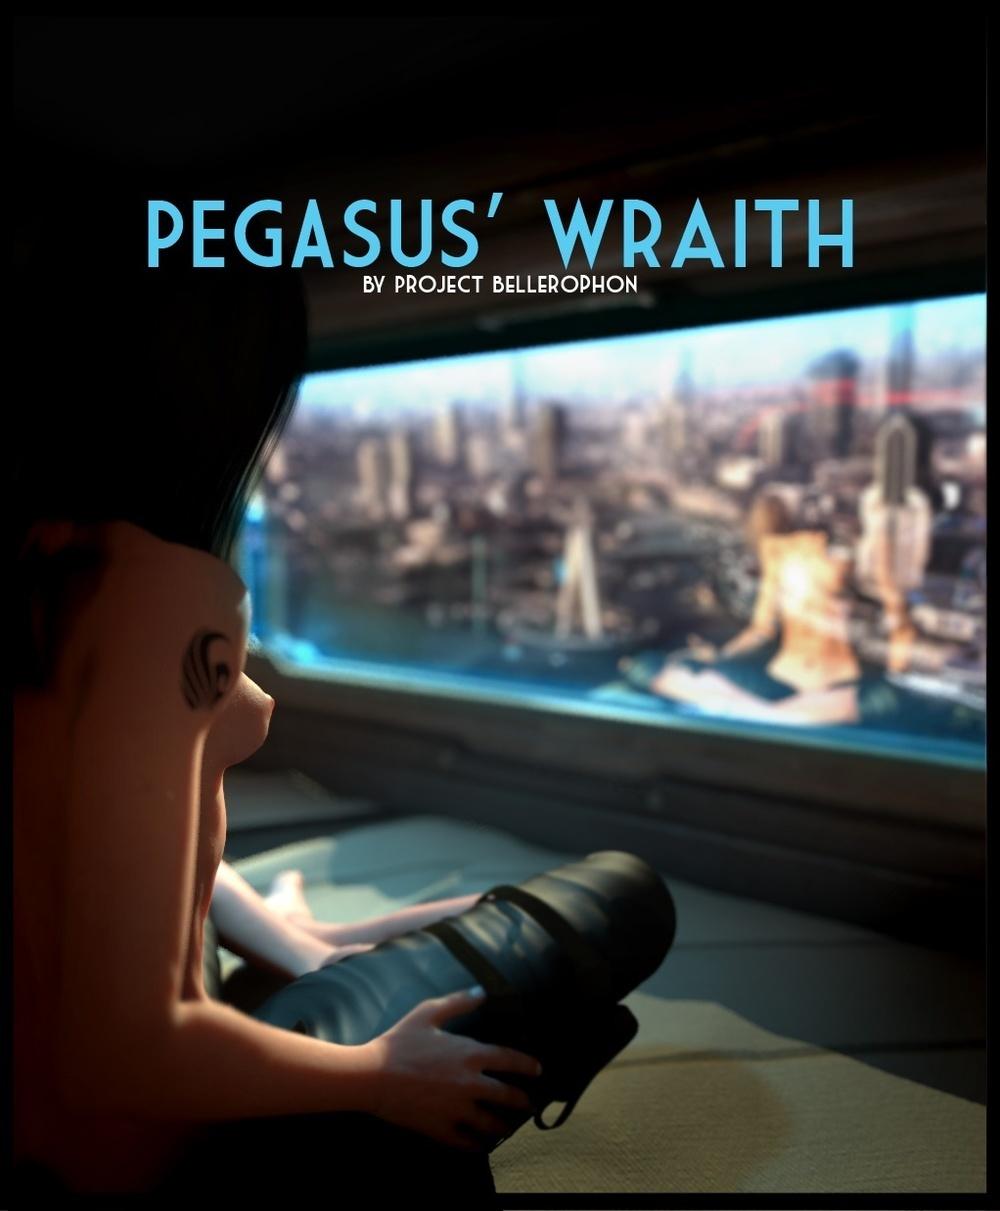 [project nemesis] Pegasus' Wraith